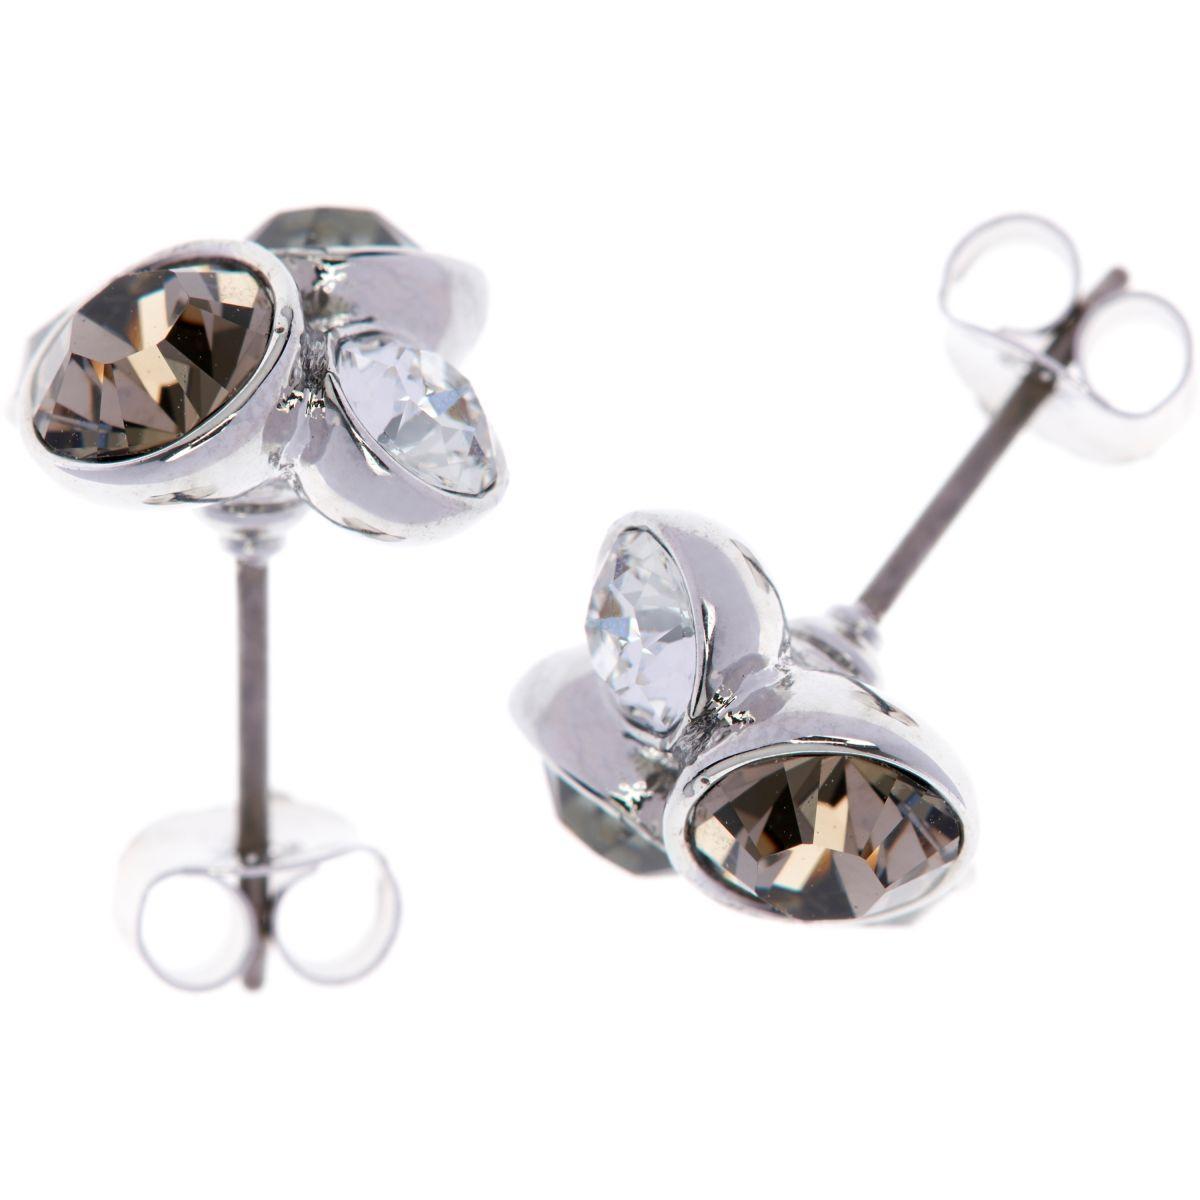 damen ted baker edelstahl lynda jewel cluster stud ohrring. Black Bedroom Furniture Sets. Home Design Ideas